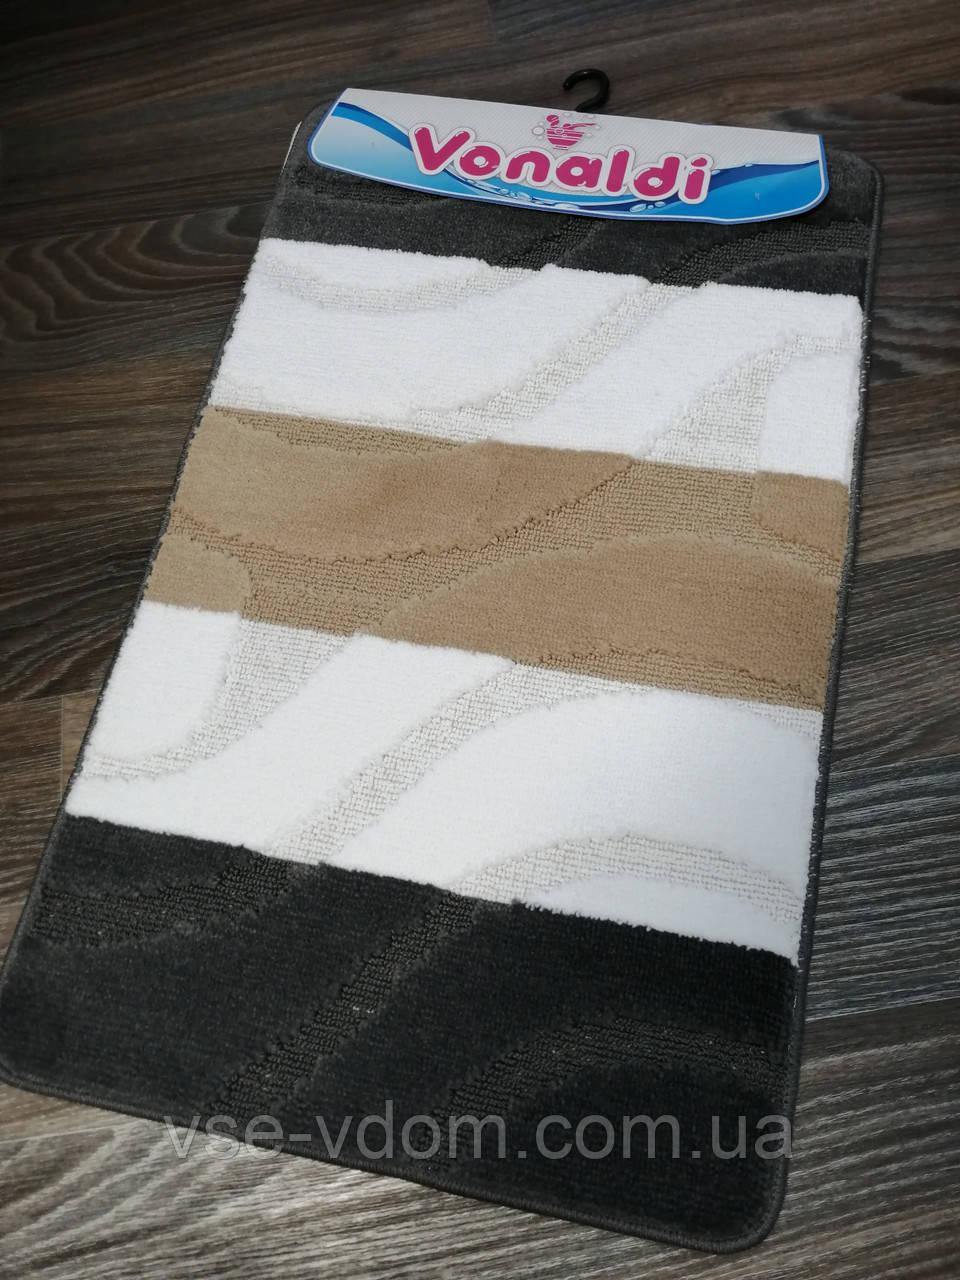 Набор ковриков для ванной комнаты Vonaldi чёрный 80*50